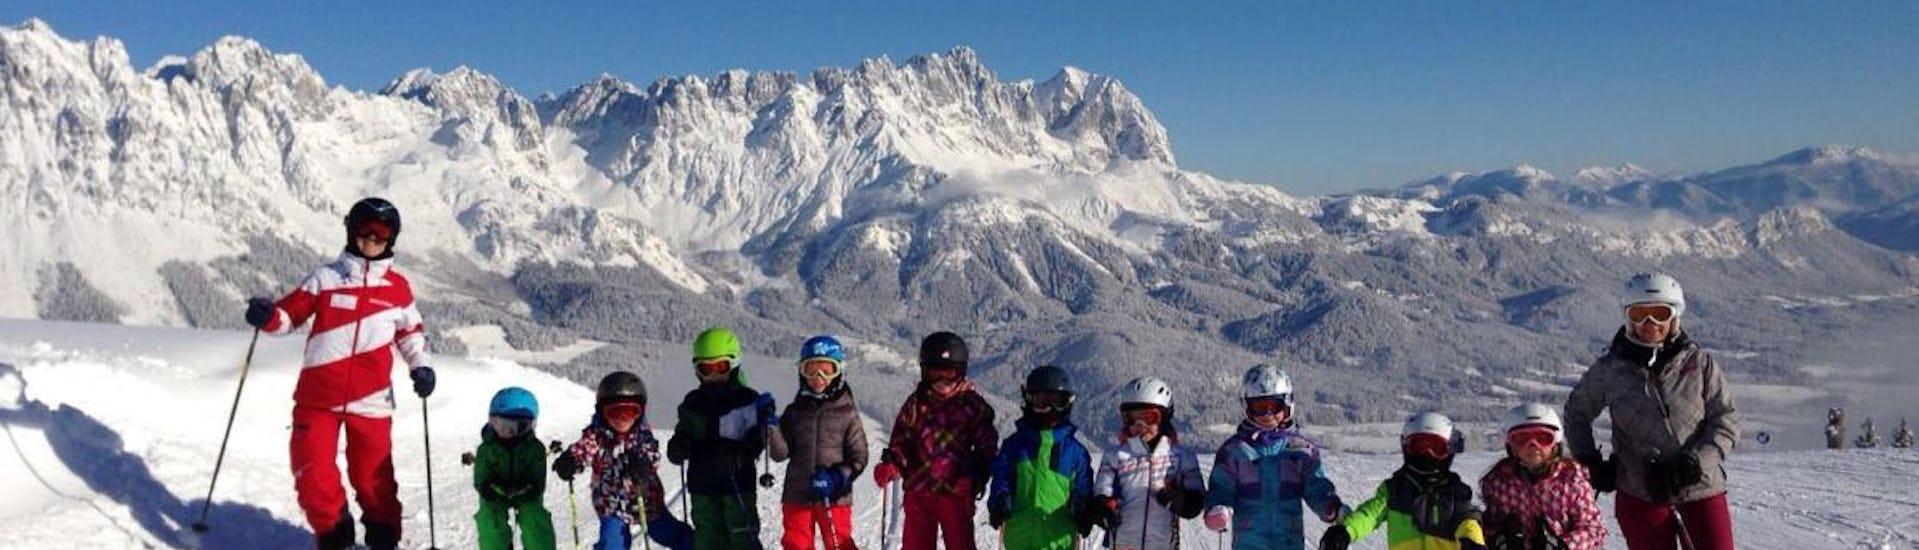 Skikurs für Kinder (3-14 Jahre) - Fortgeschritten